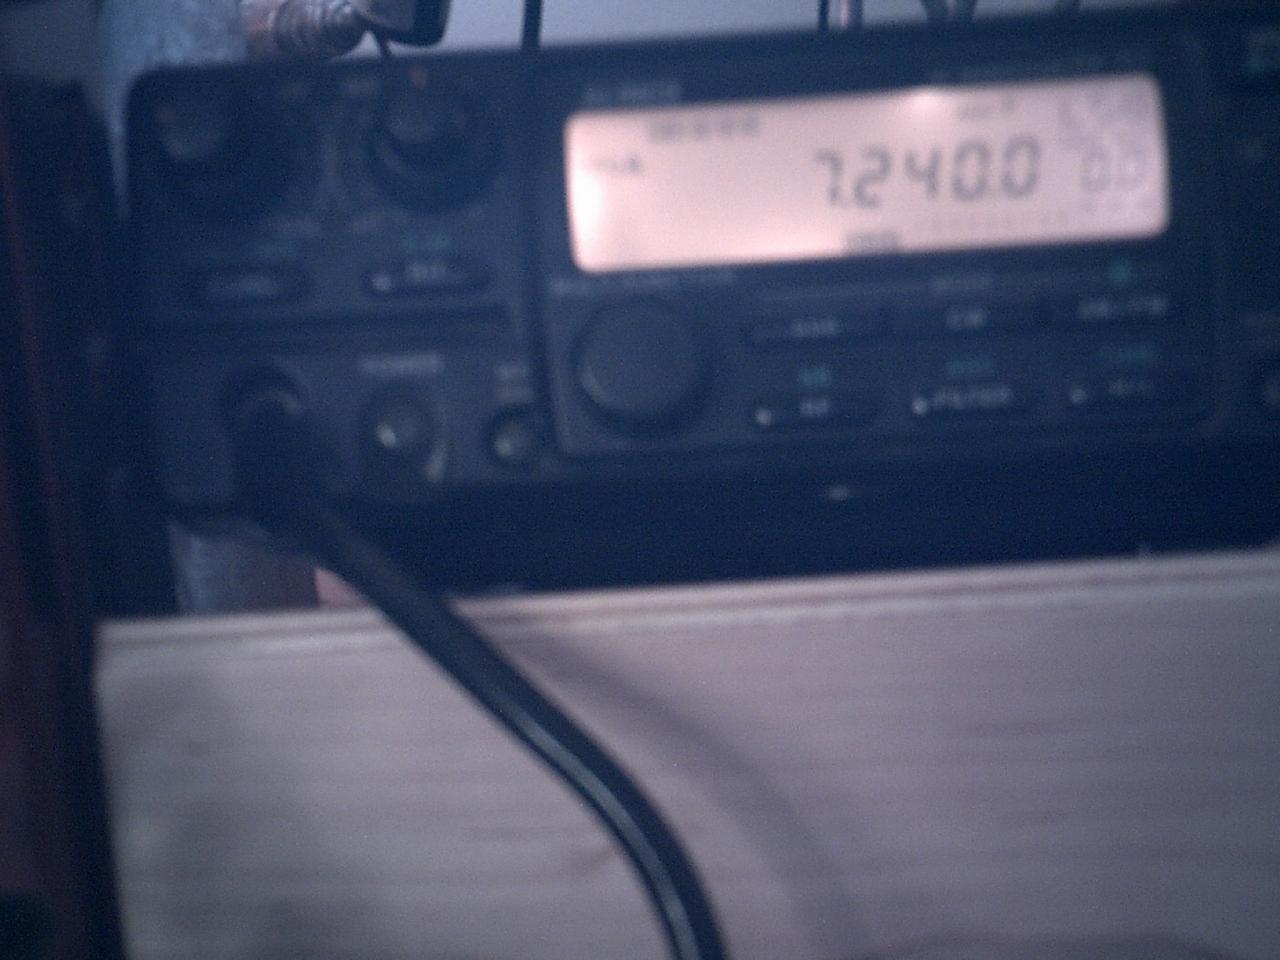 ALINCO DX70T